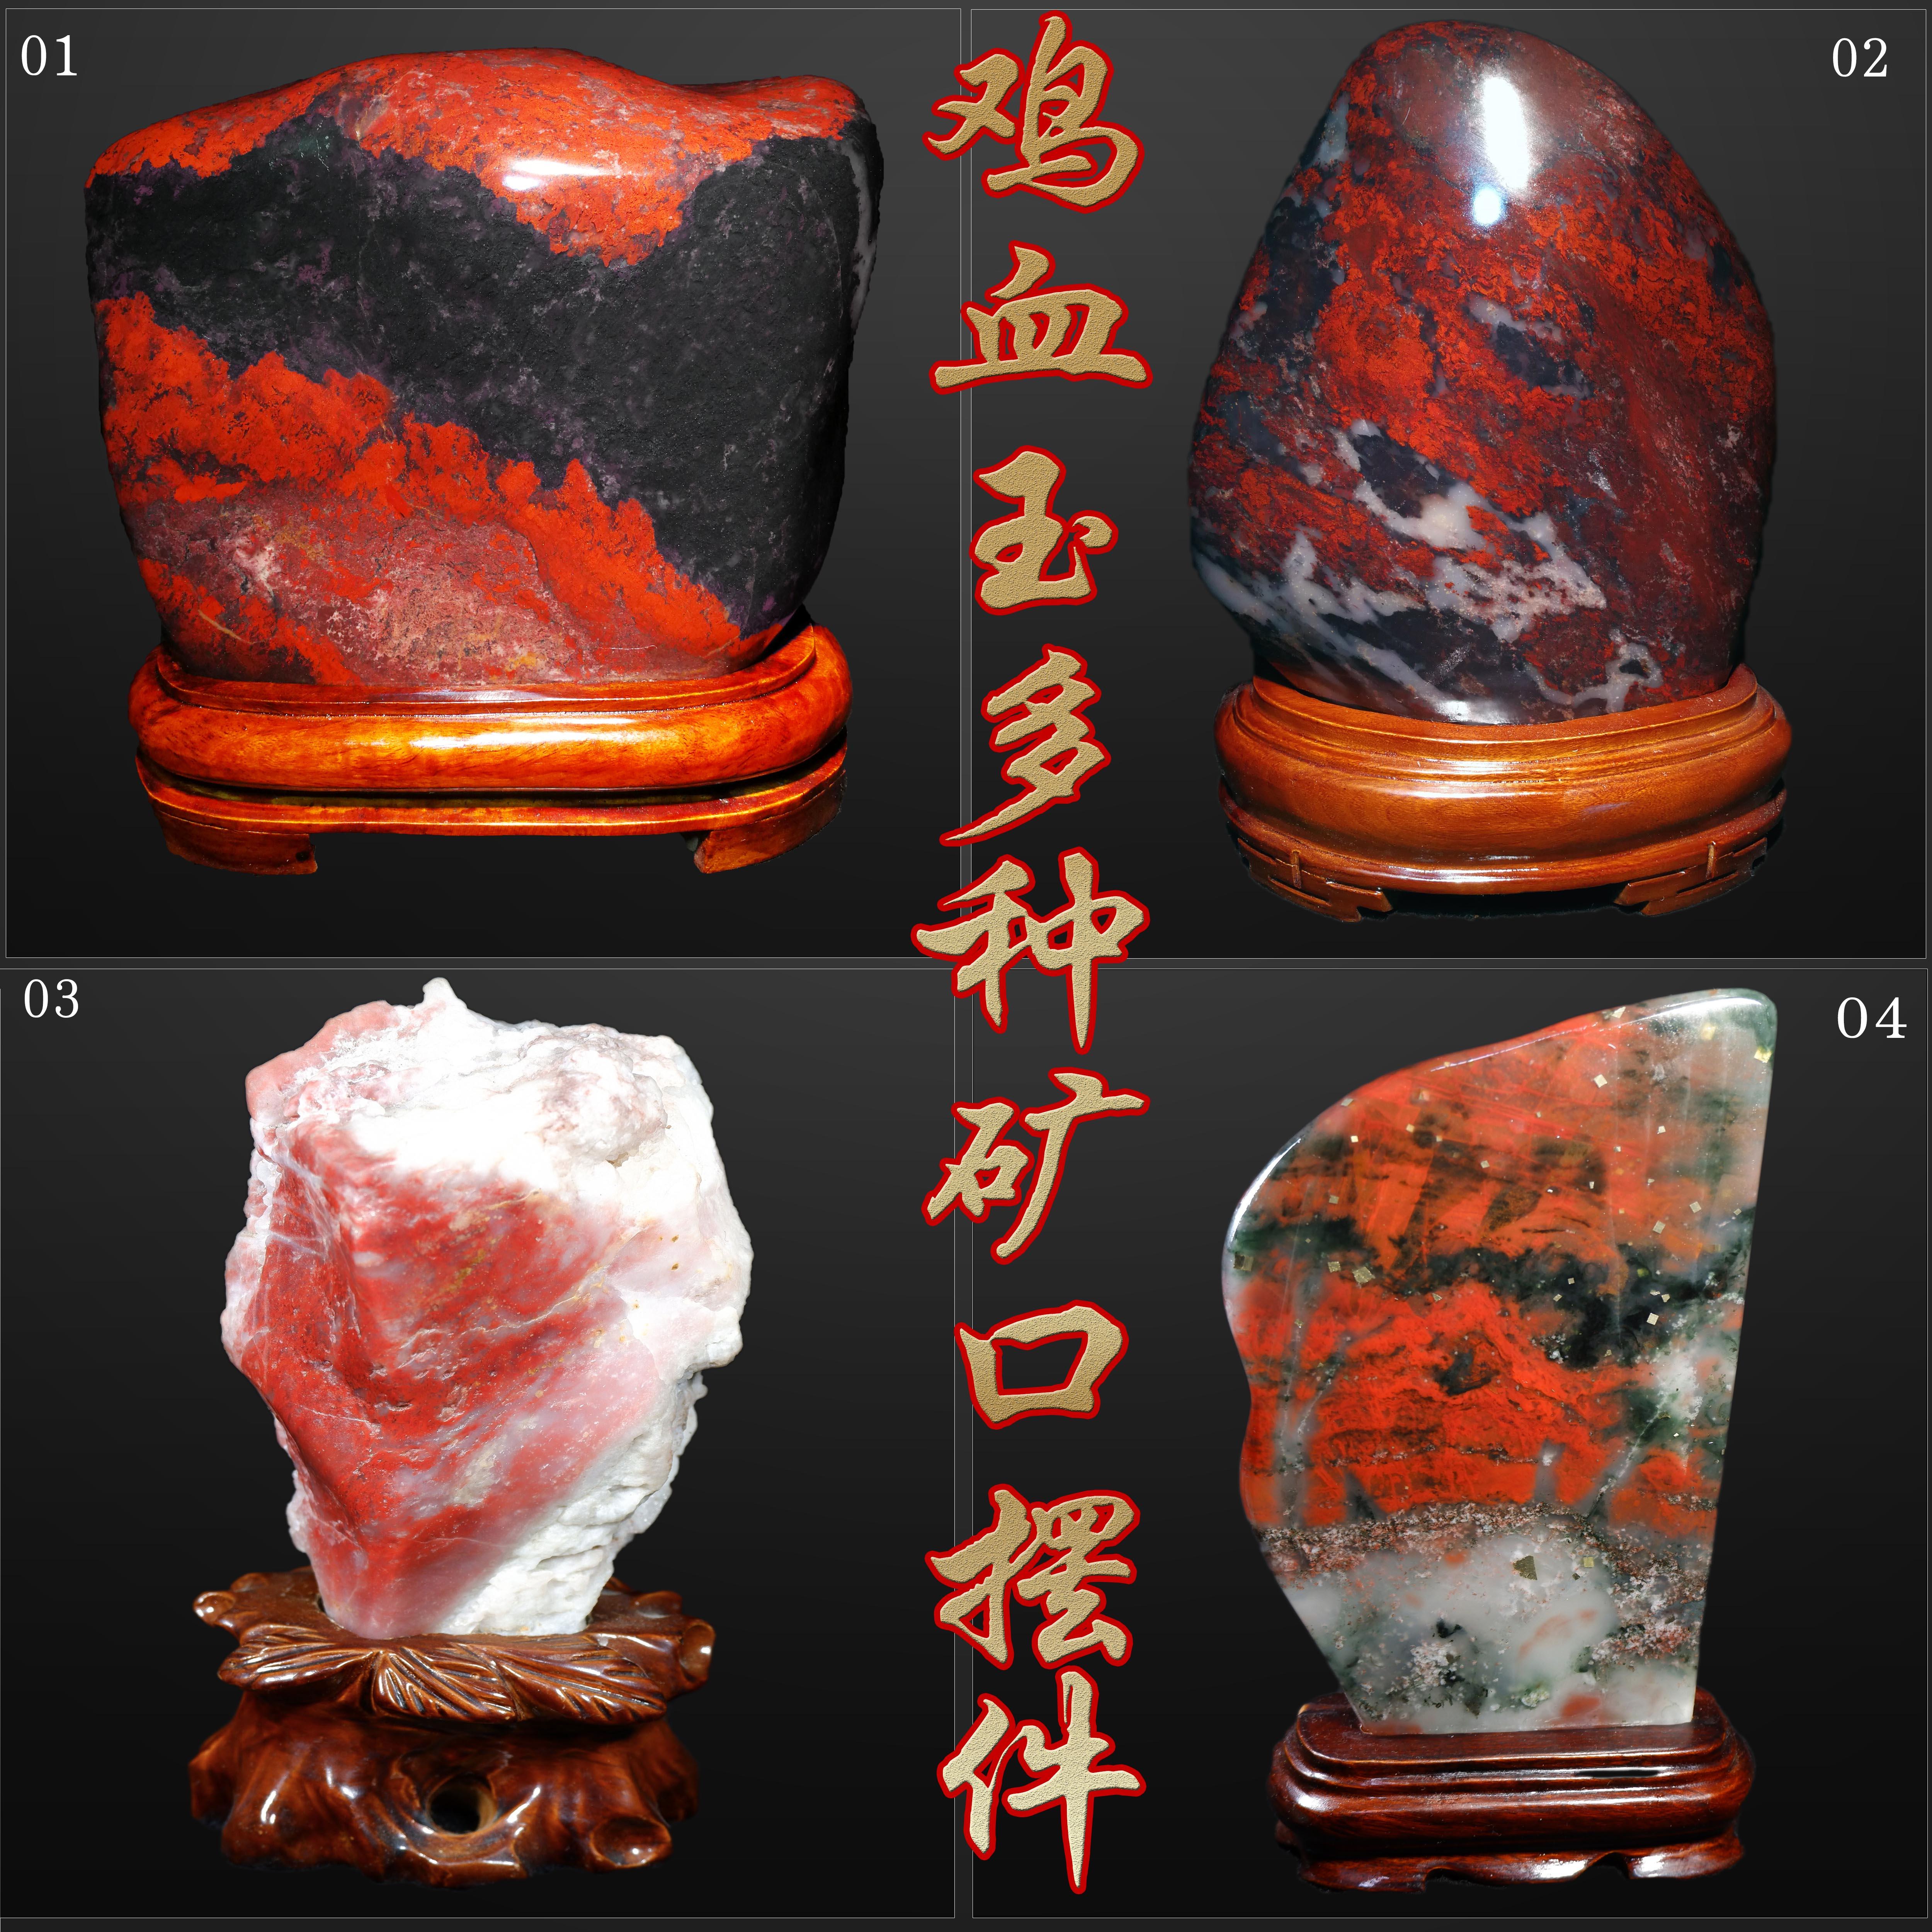 天然桂林鶏血玉原石の置物水石山料奇石観賞石大紅袍鶏血石鎮宅石